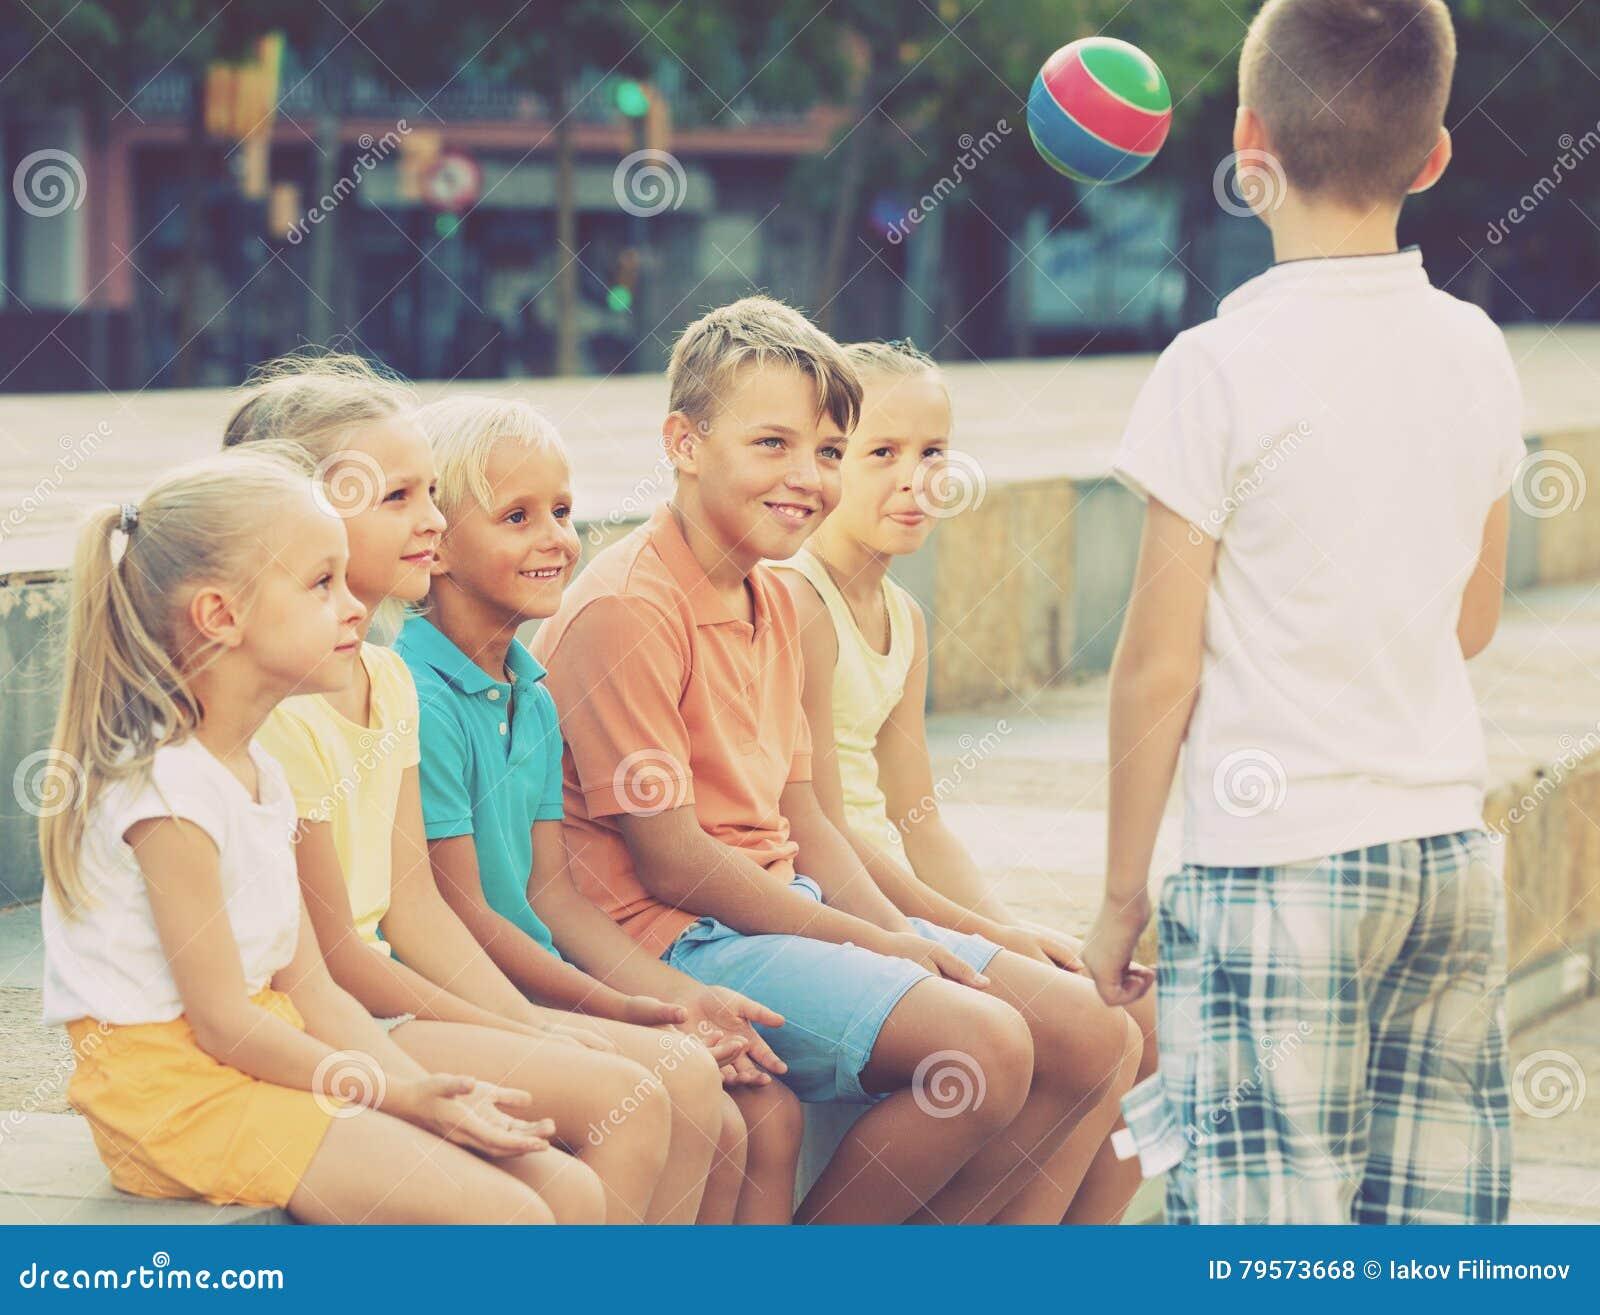 Niños que juegan la bola junto